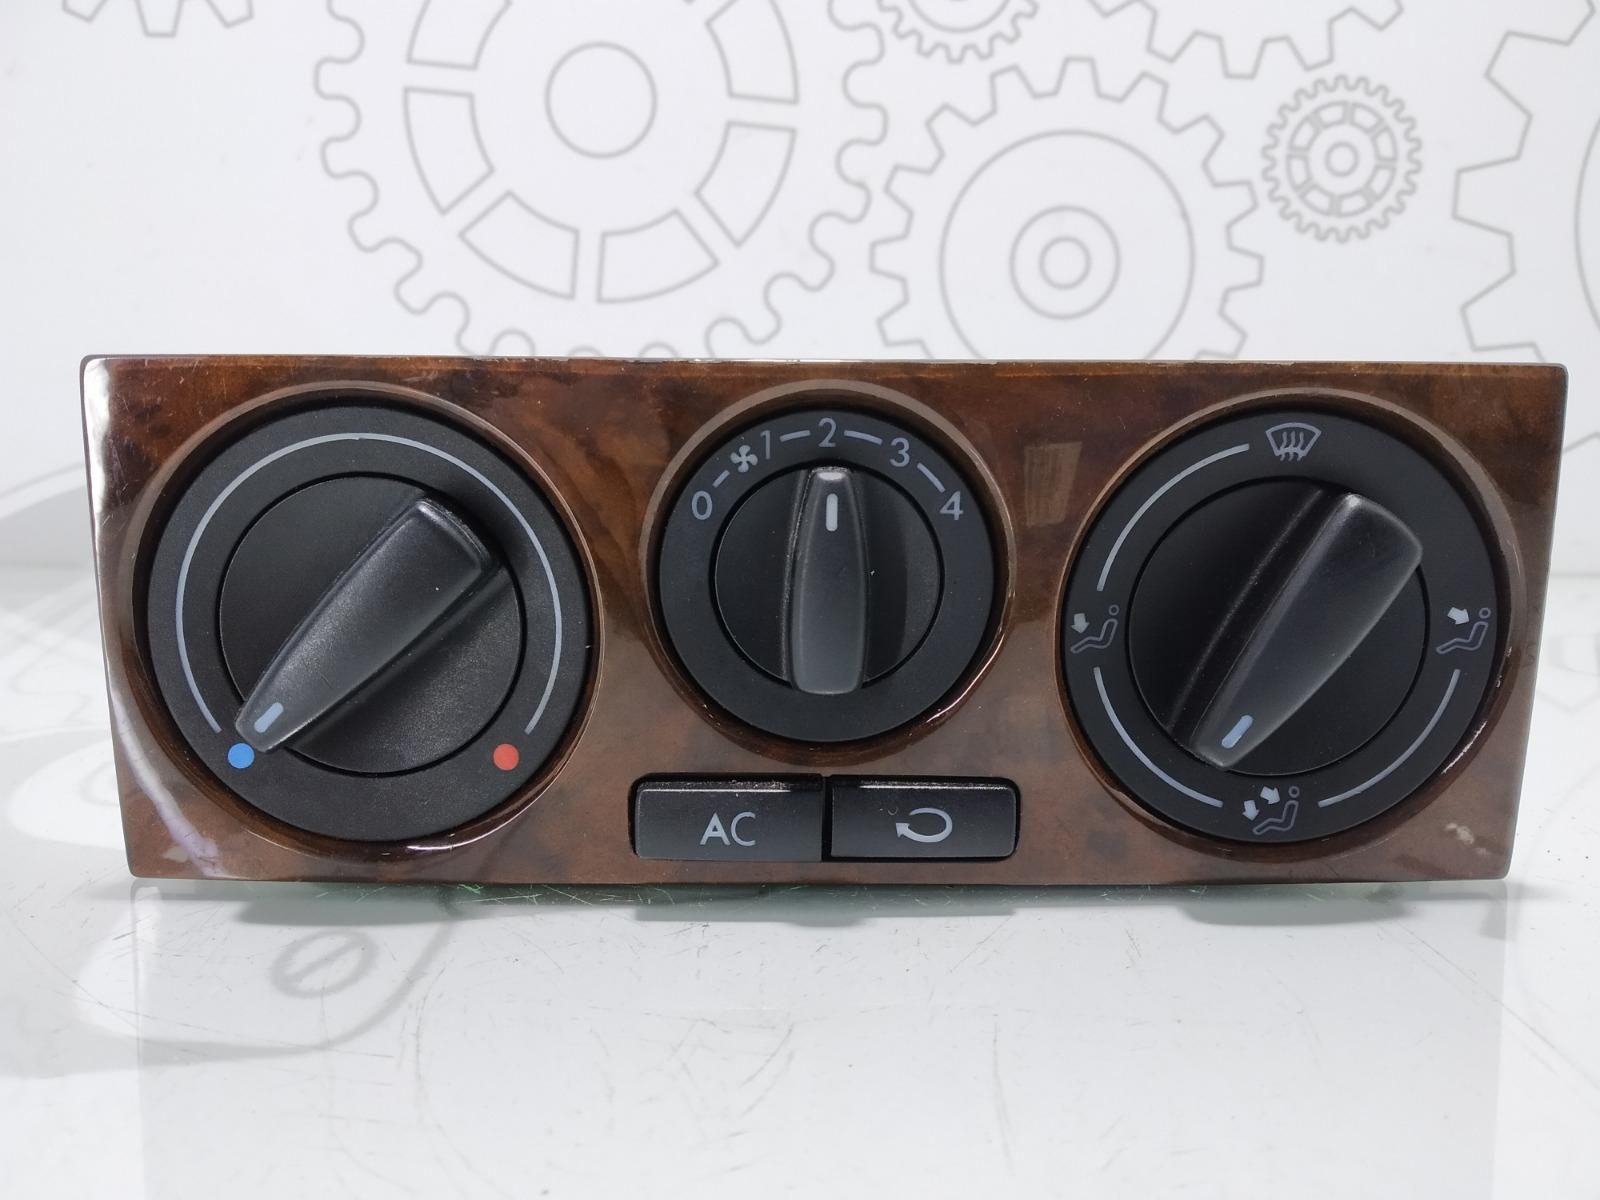 Блок управления печки/климат-контроля Volkswagen Bora 2.0 I 2002 (б/у)